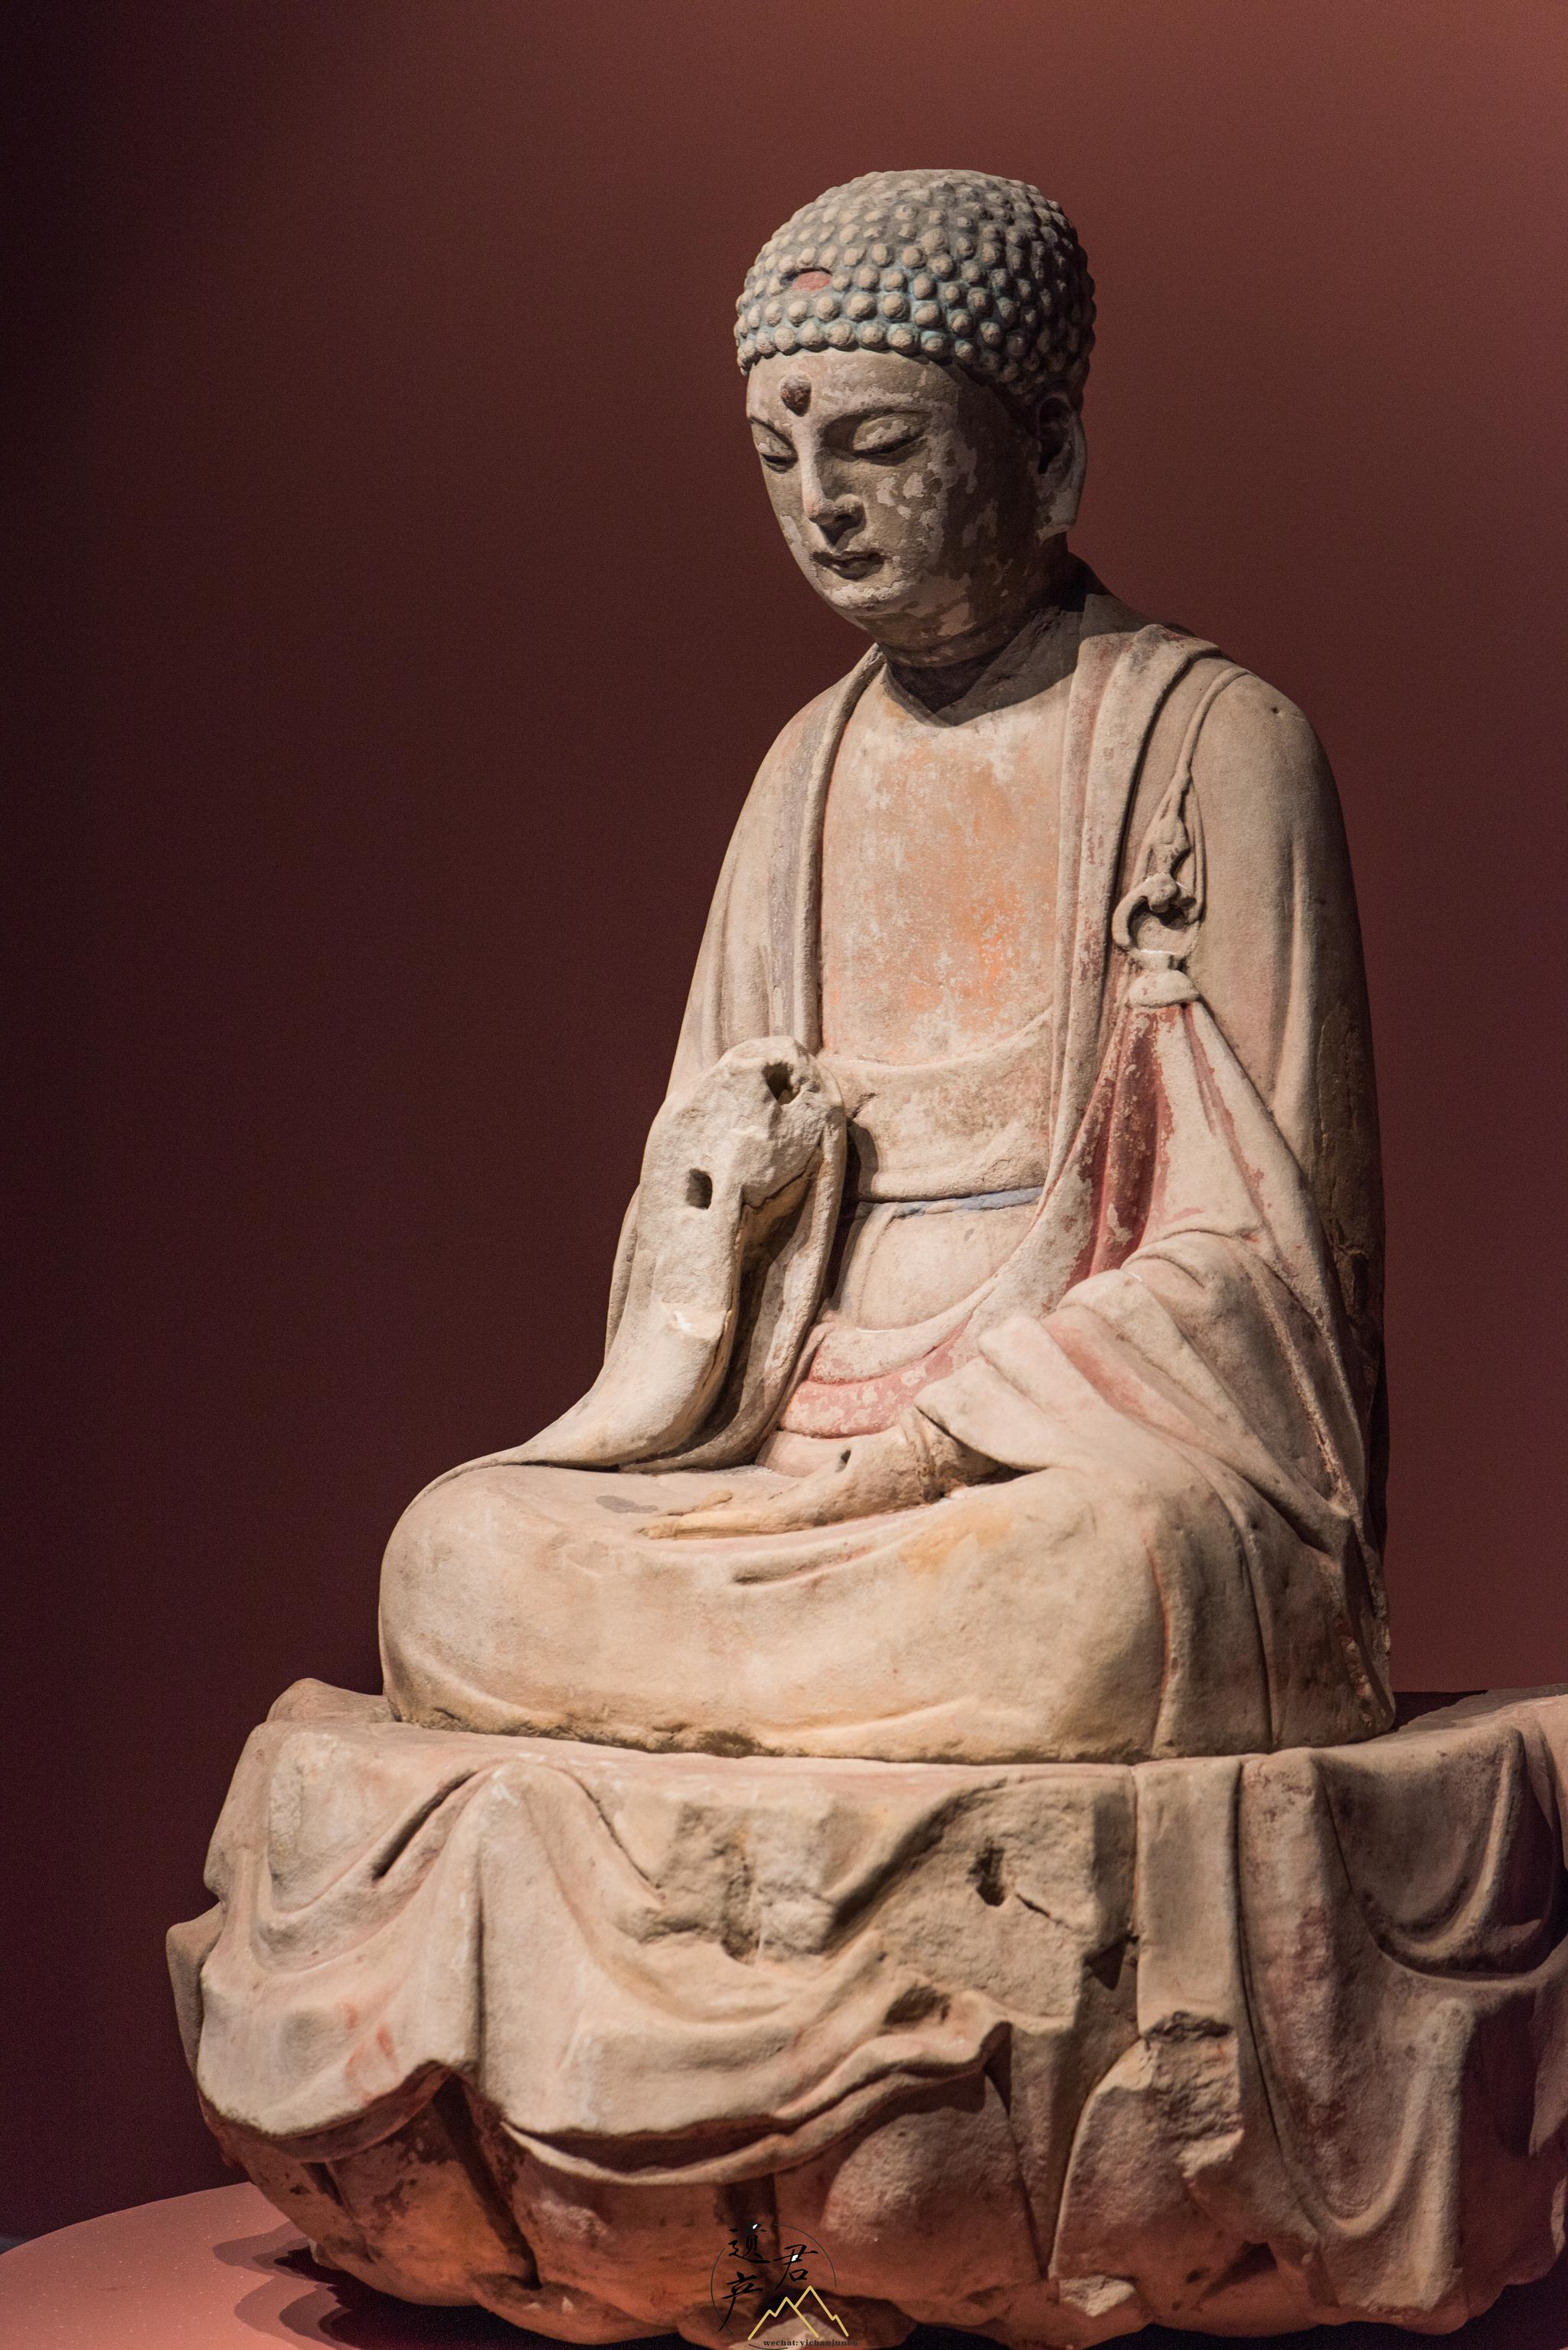 大足石刻研究院藏· 宋代释迦牟尼佛像